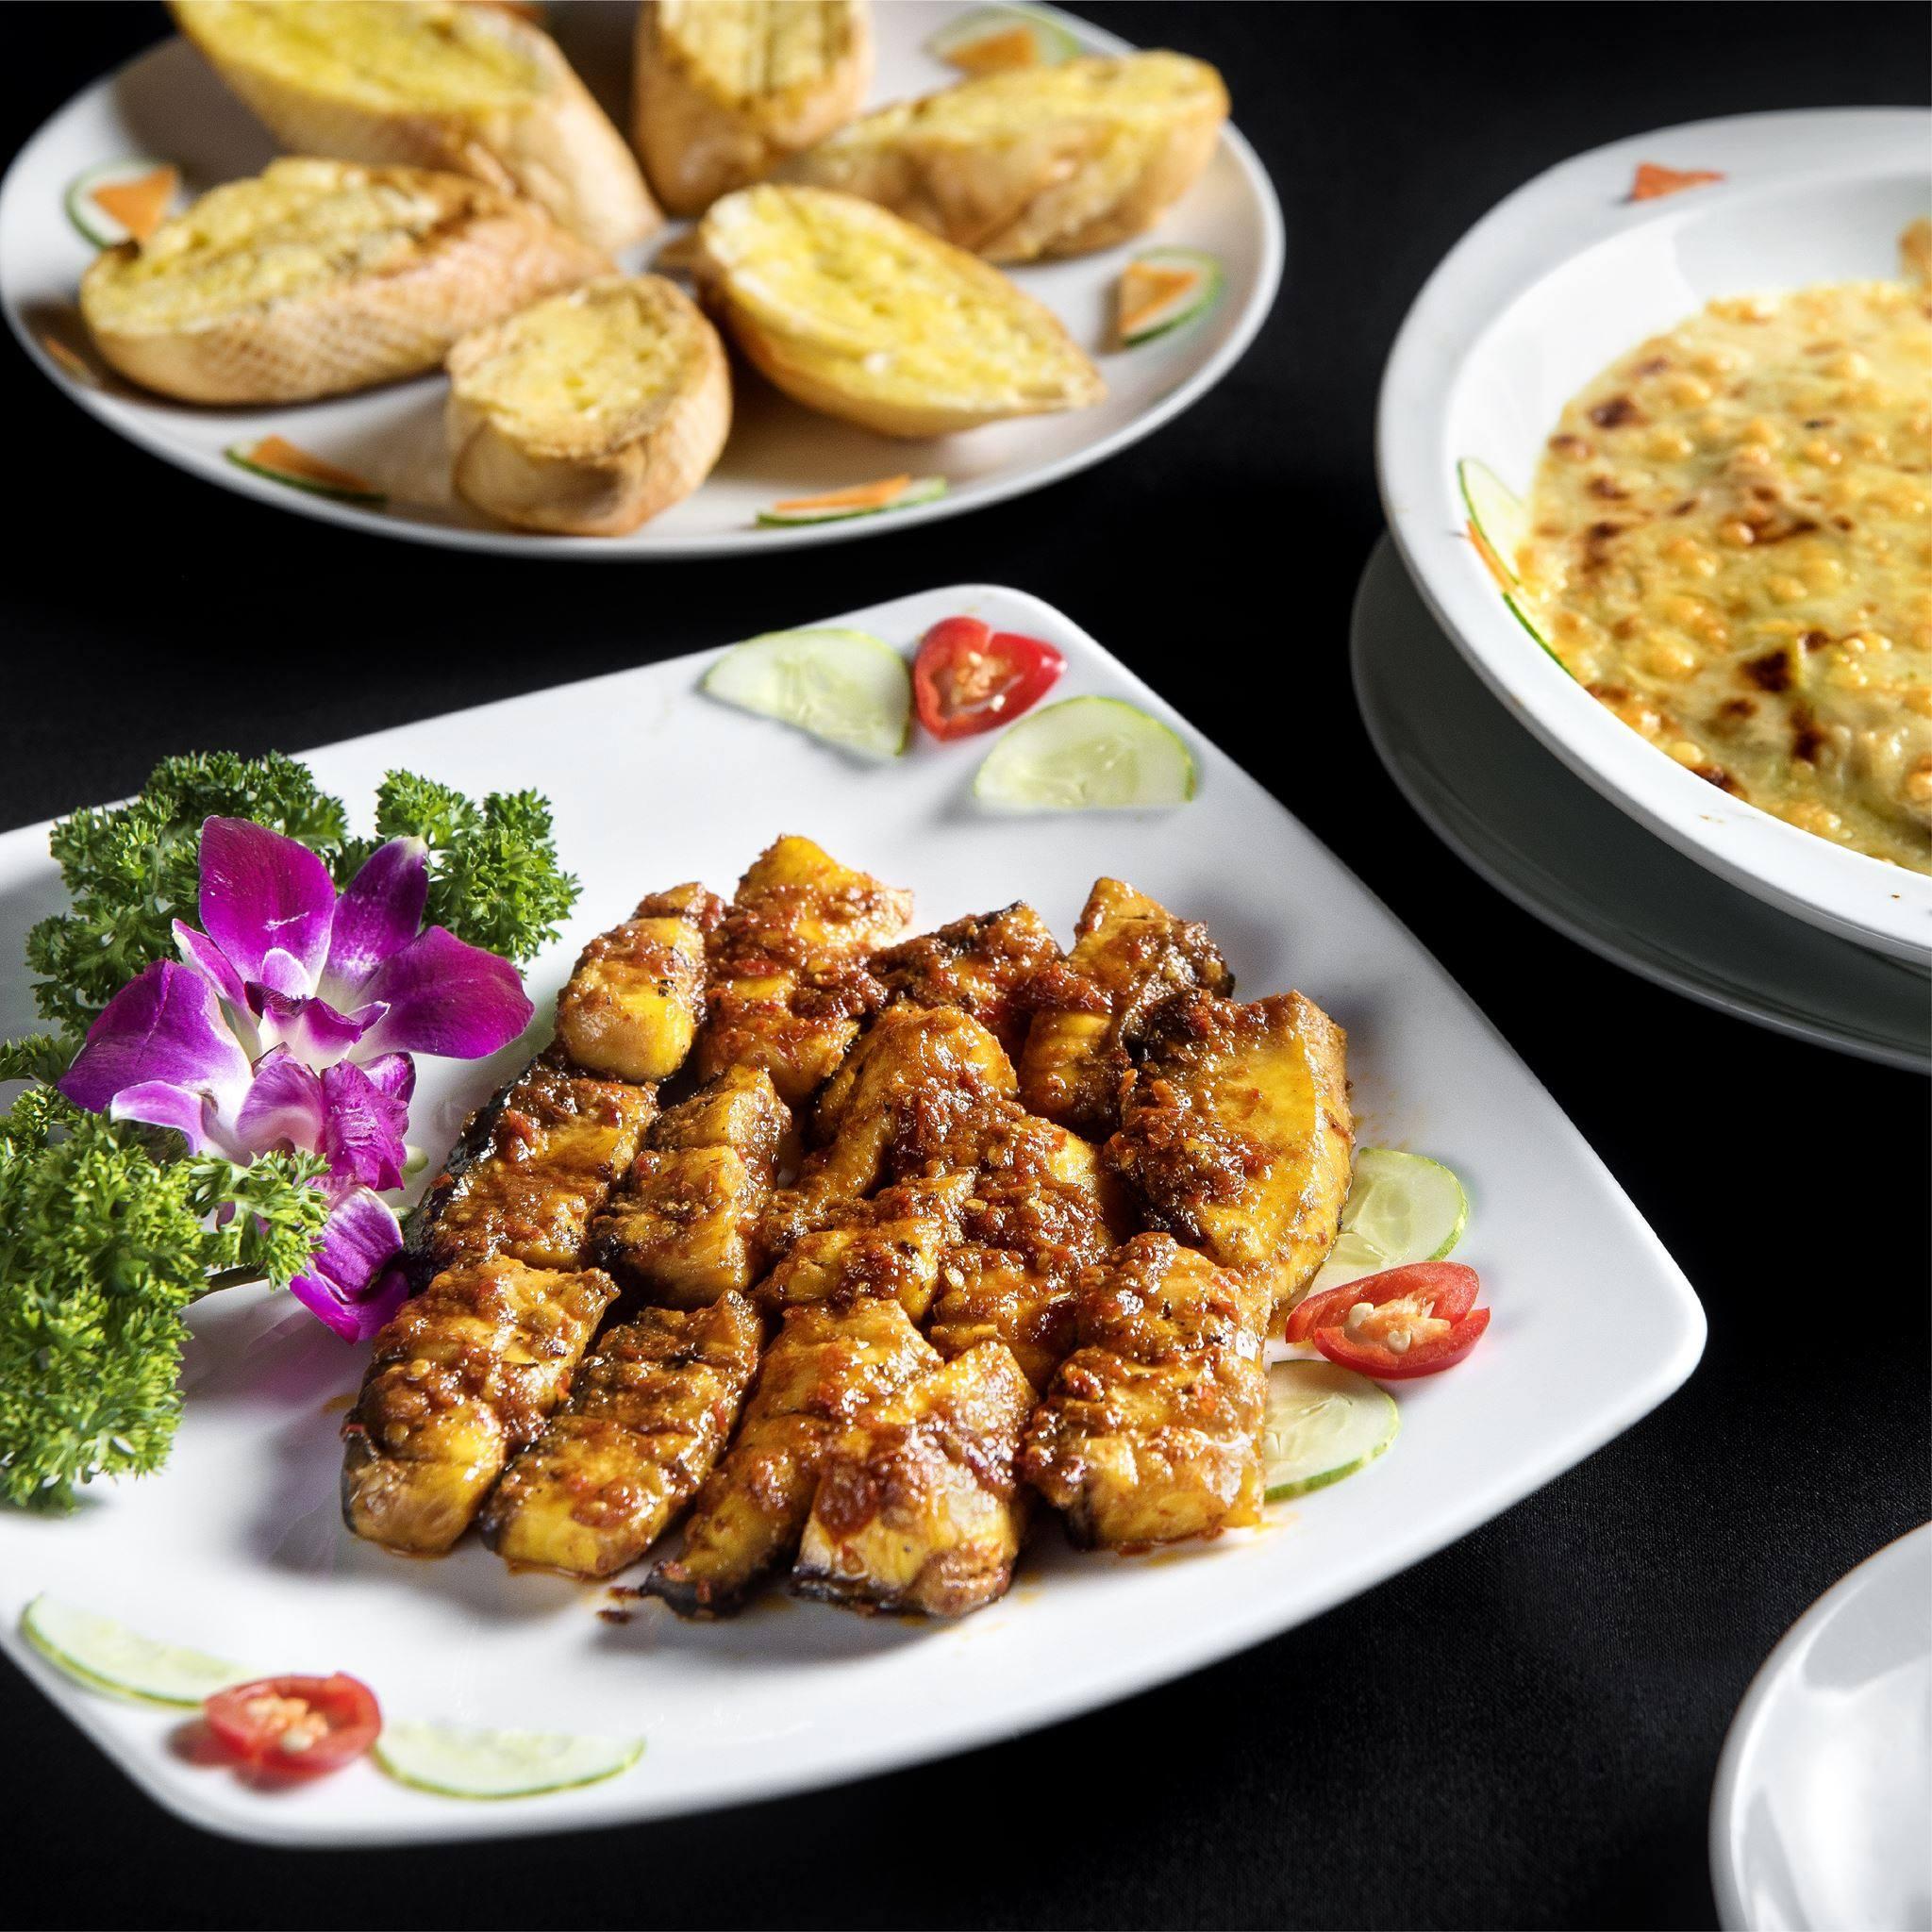 Khám phá những nhà hàng ở Sapa được hội sành ăn 'review' nhiều nhất  - Ảnh 16.